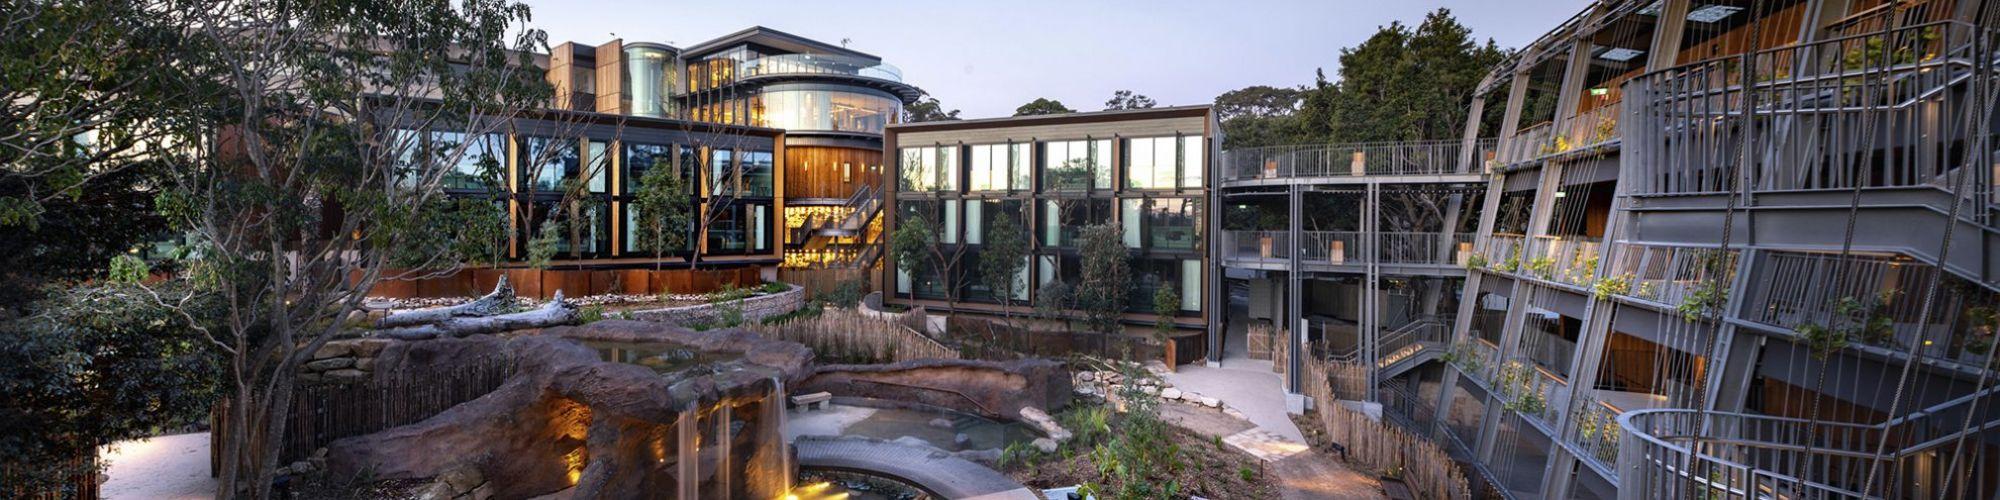 Gesamtansicht des Hotels © cox architecture